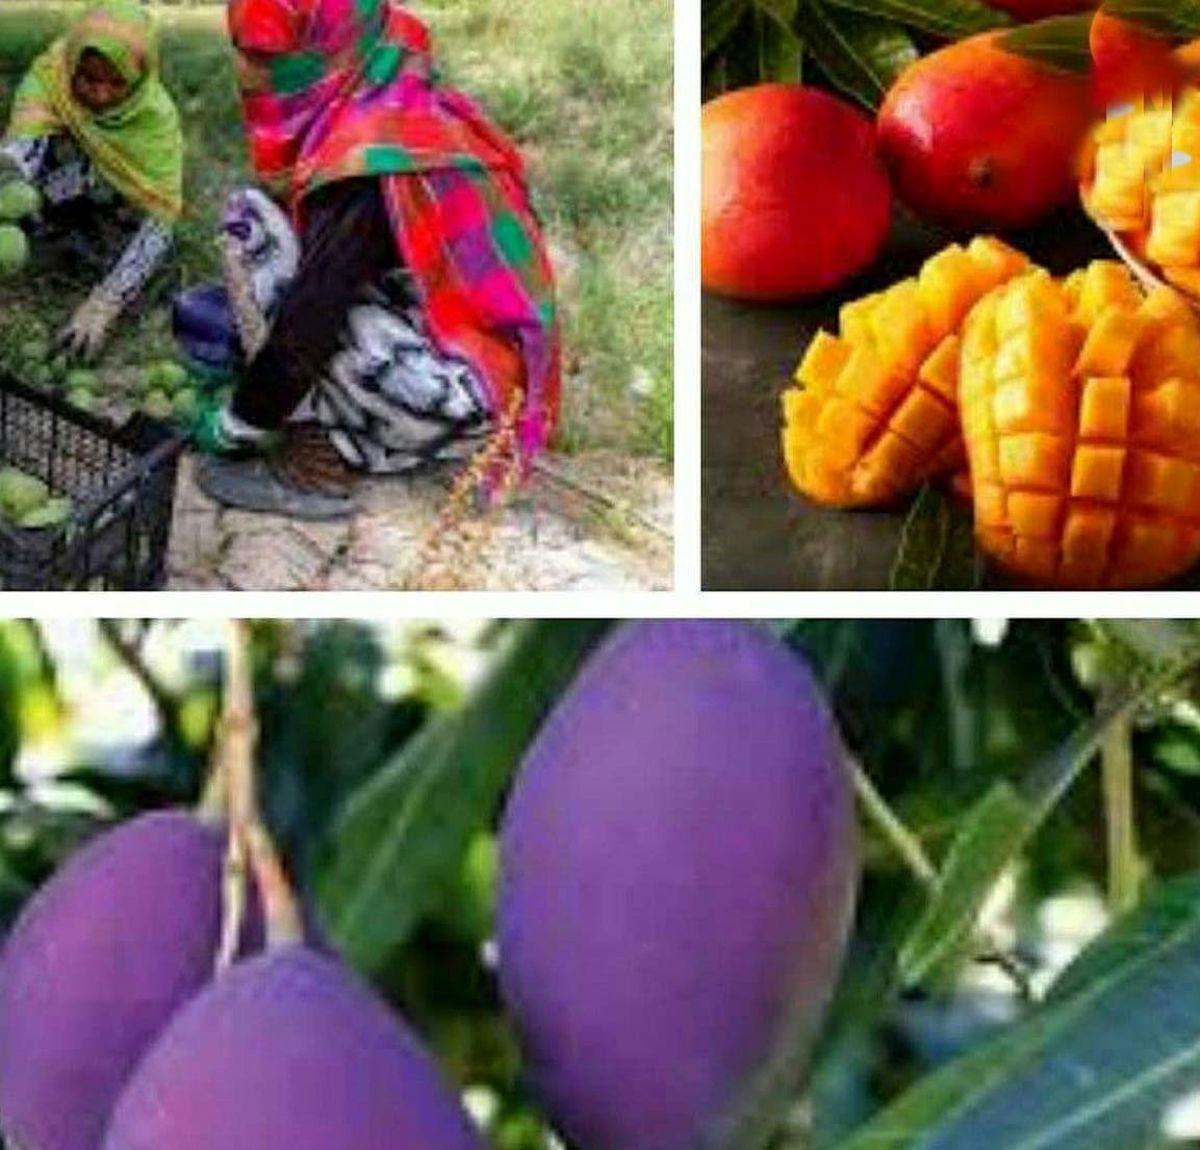 گرانترین میوه جهان کیلویی 3650 دلار